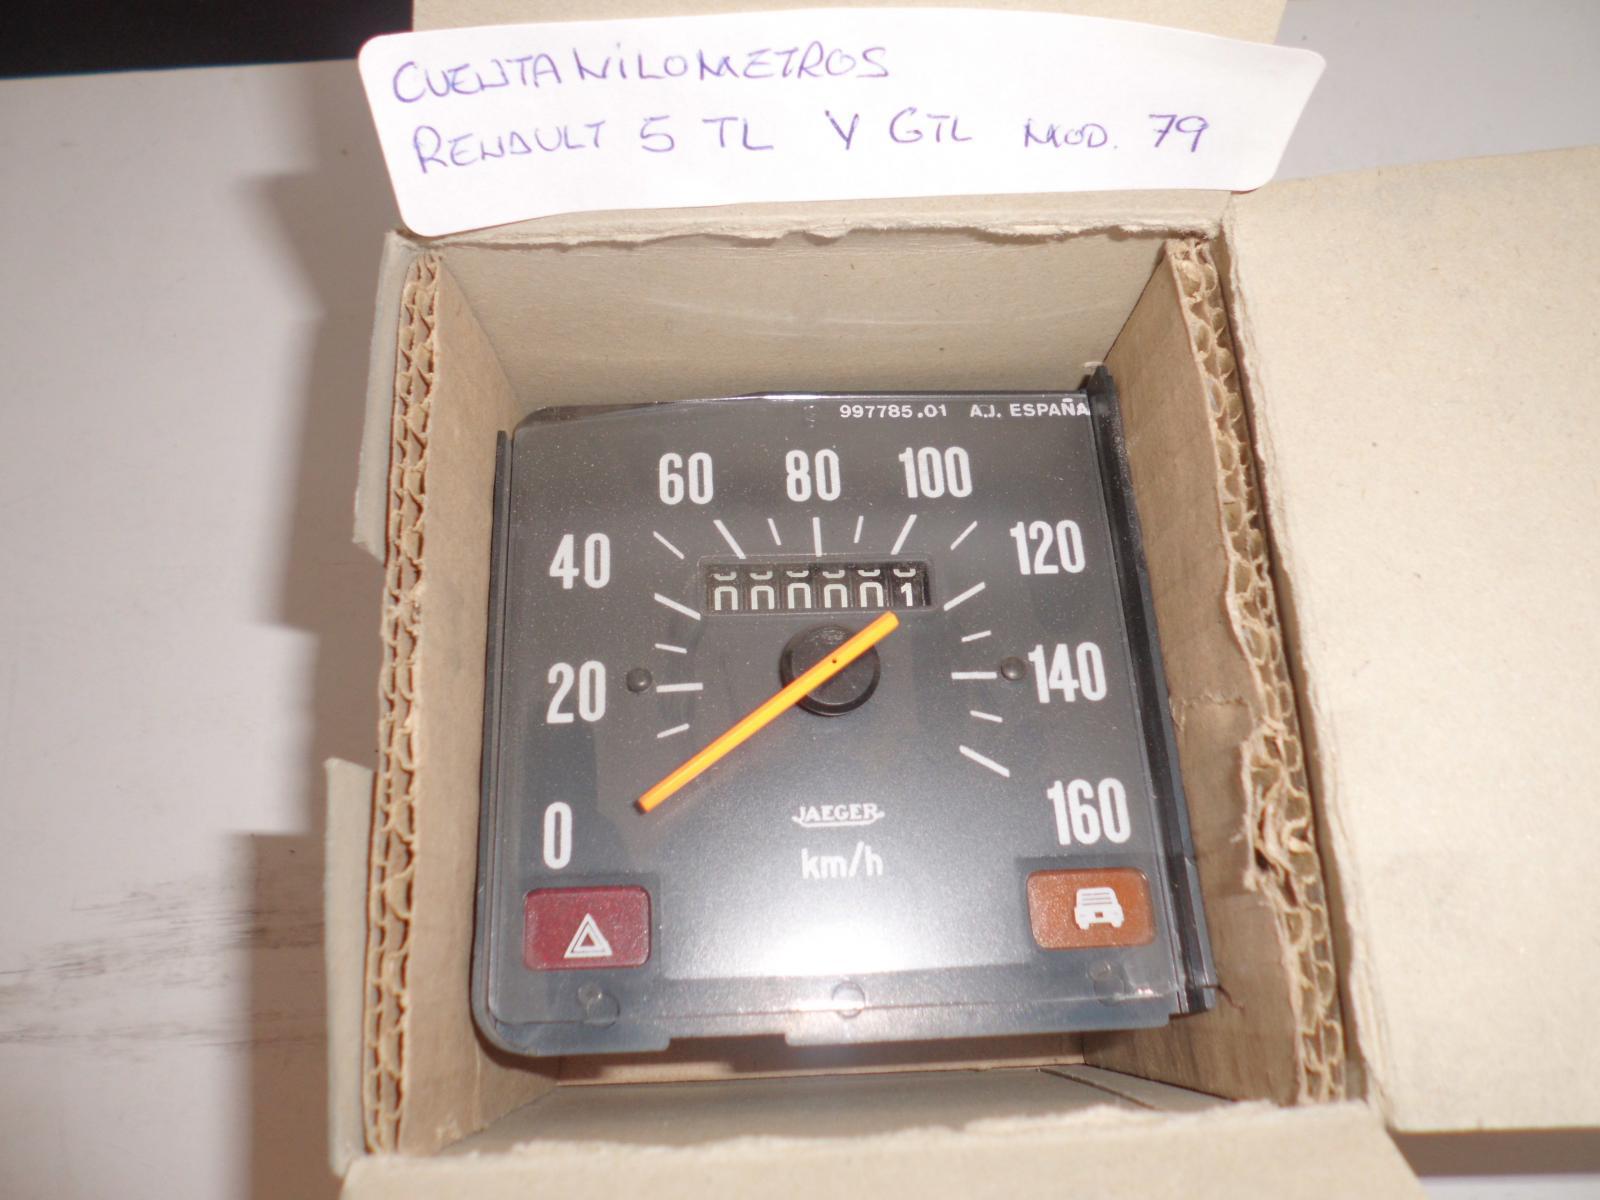 Cuentakilómetros de Renault 5 TL y GTL